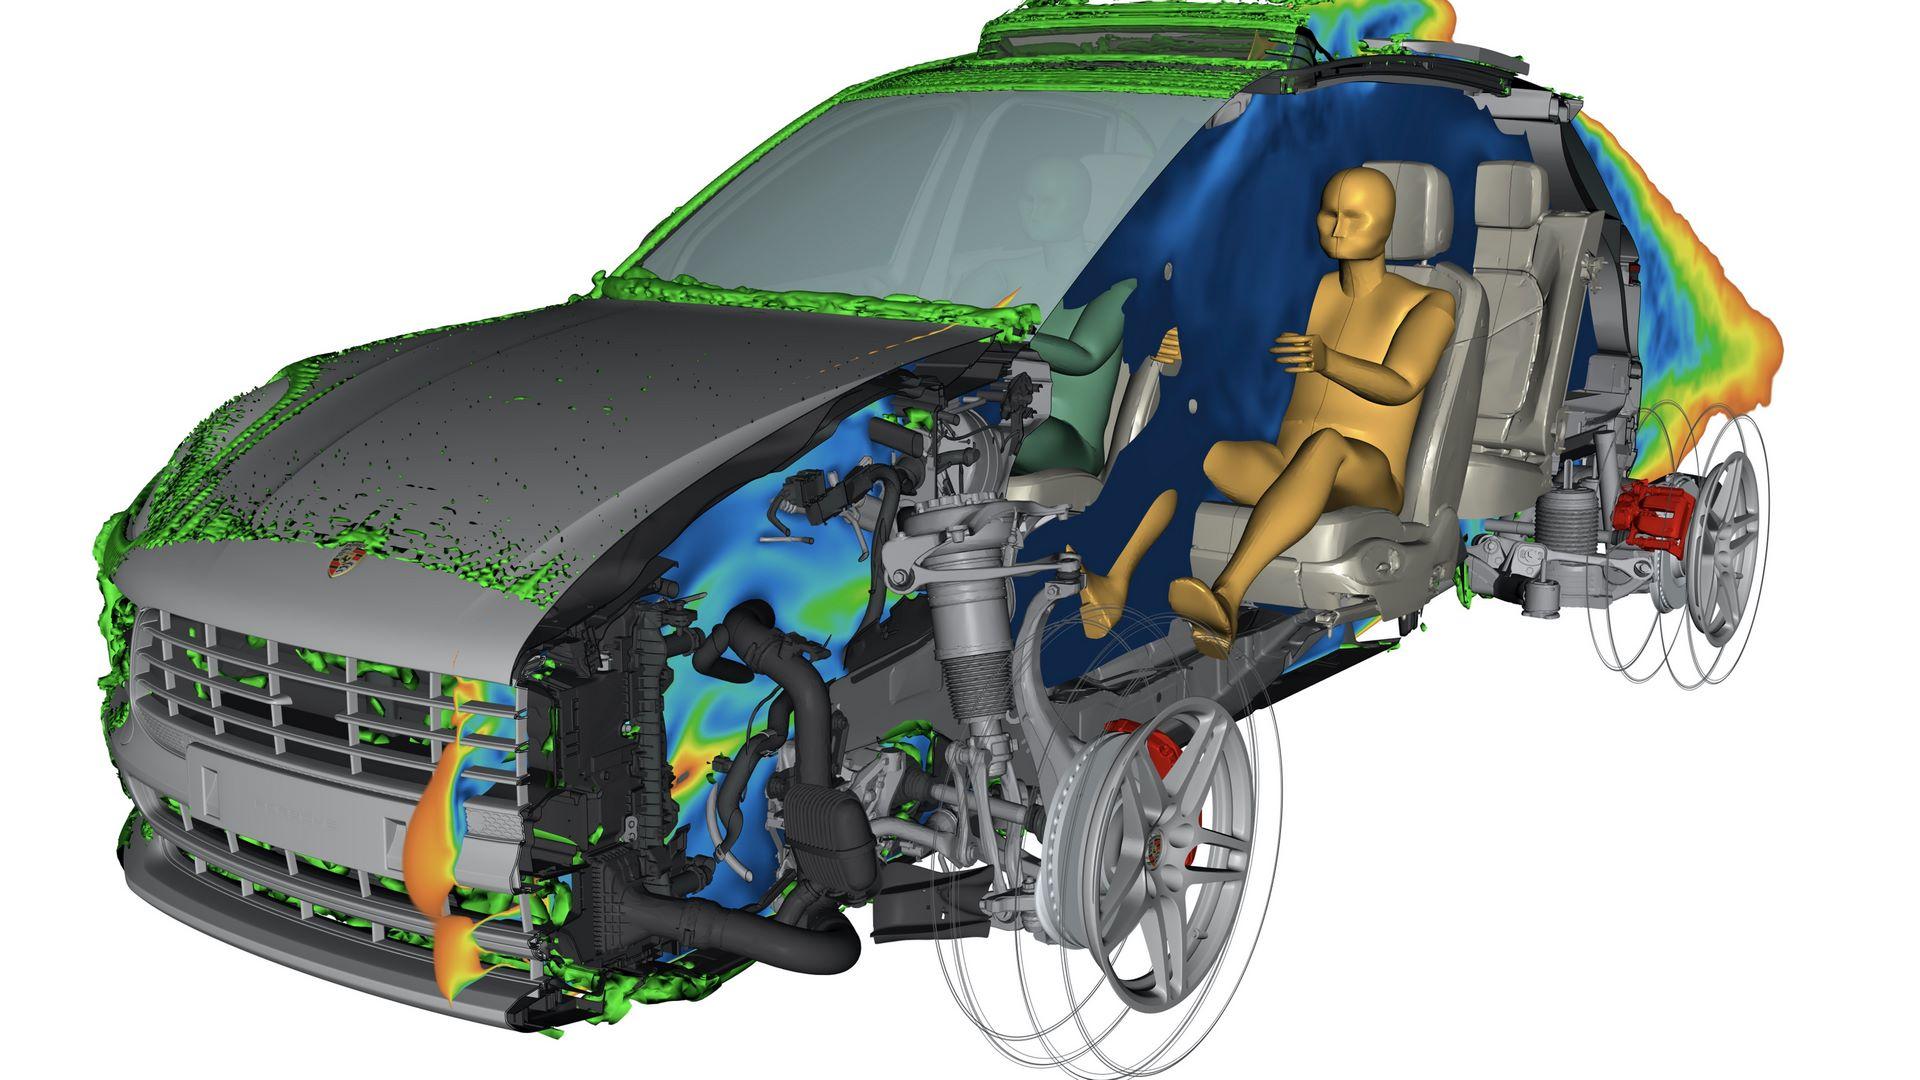 Porsche-Macan-electric-7